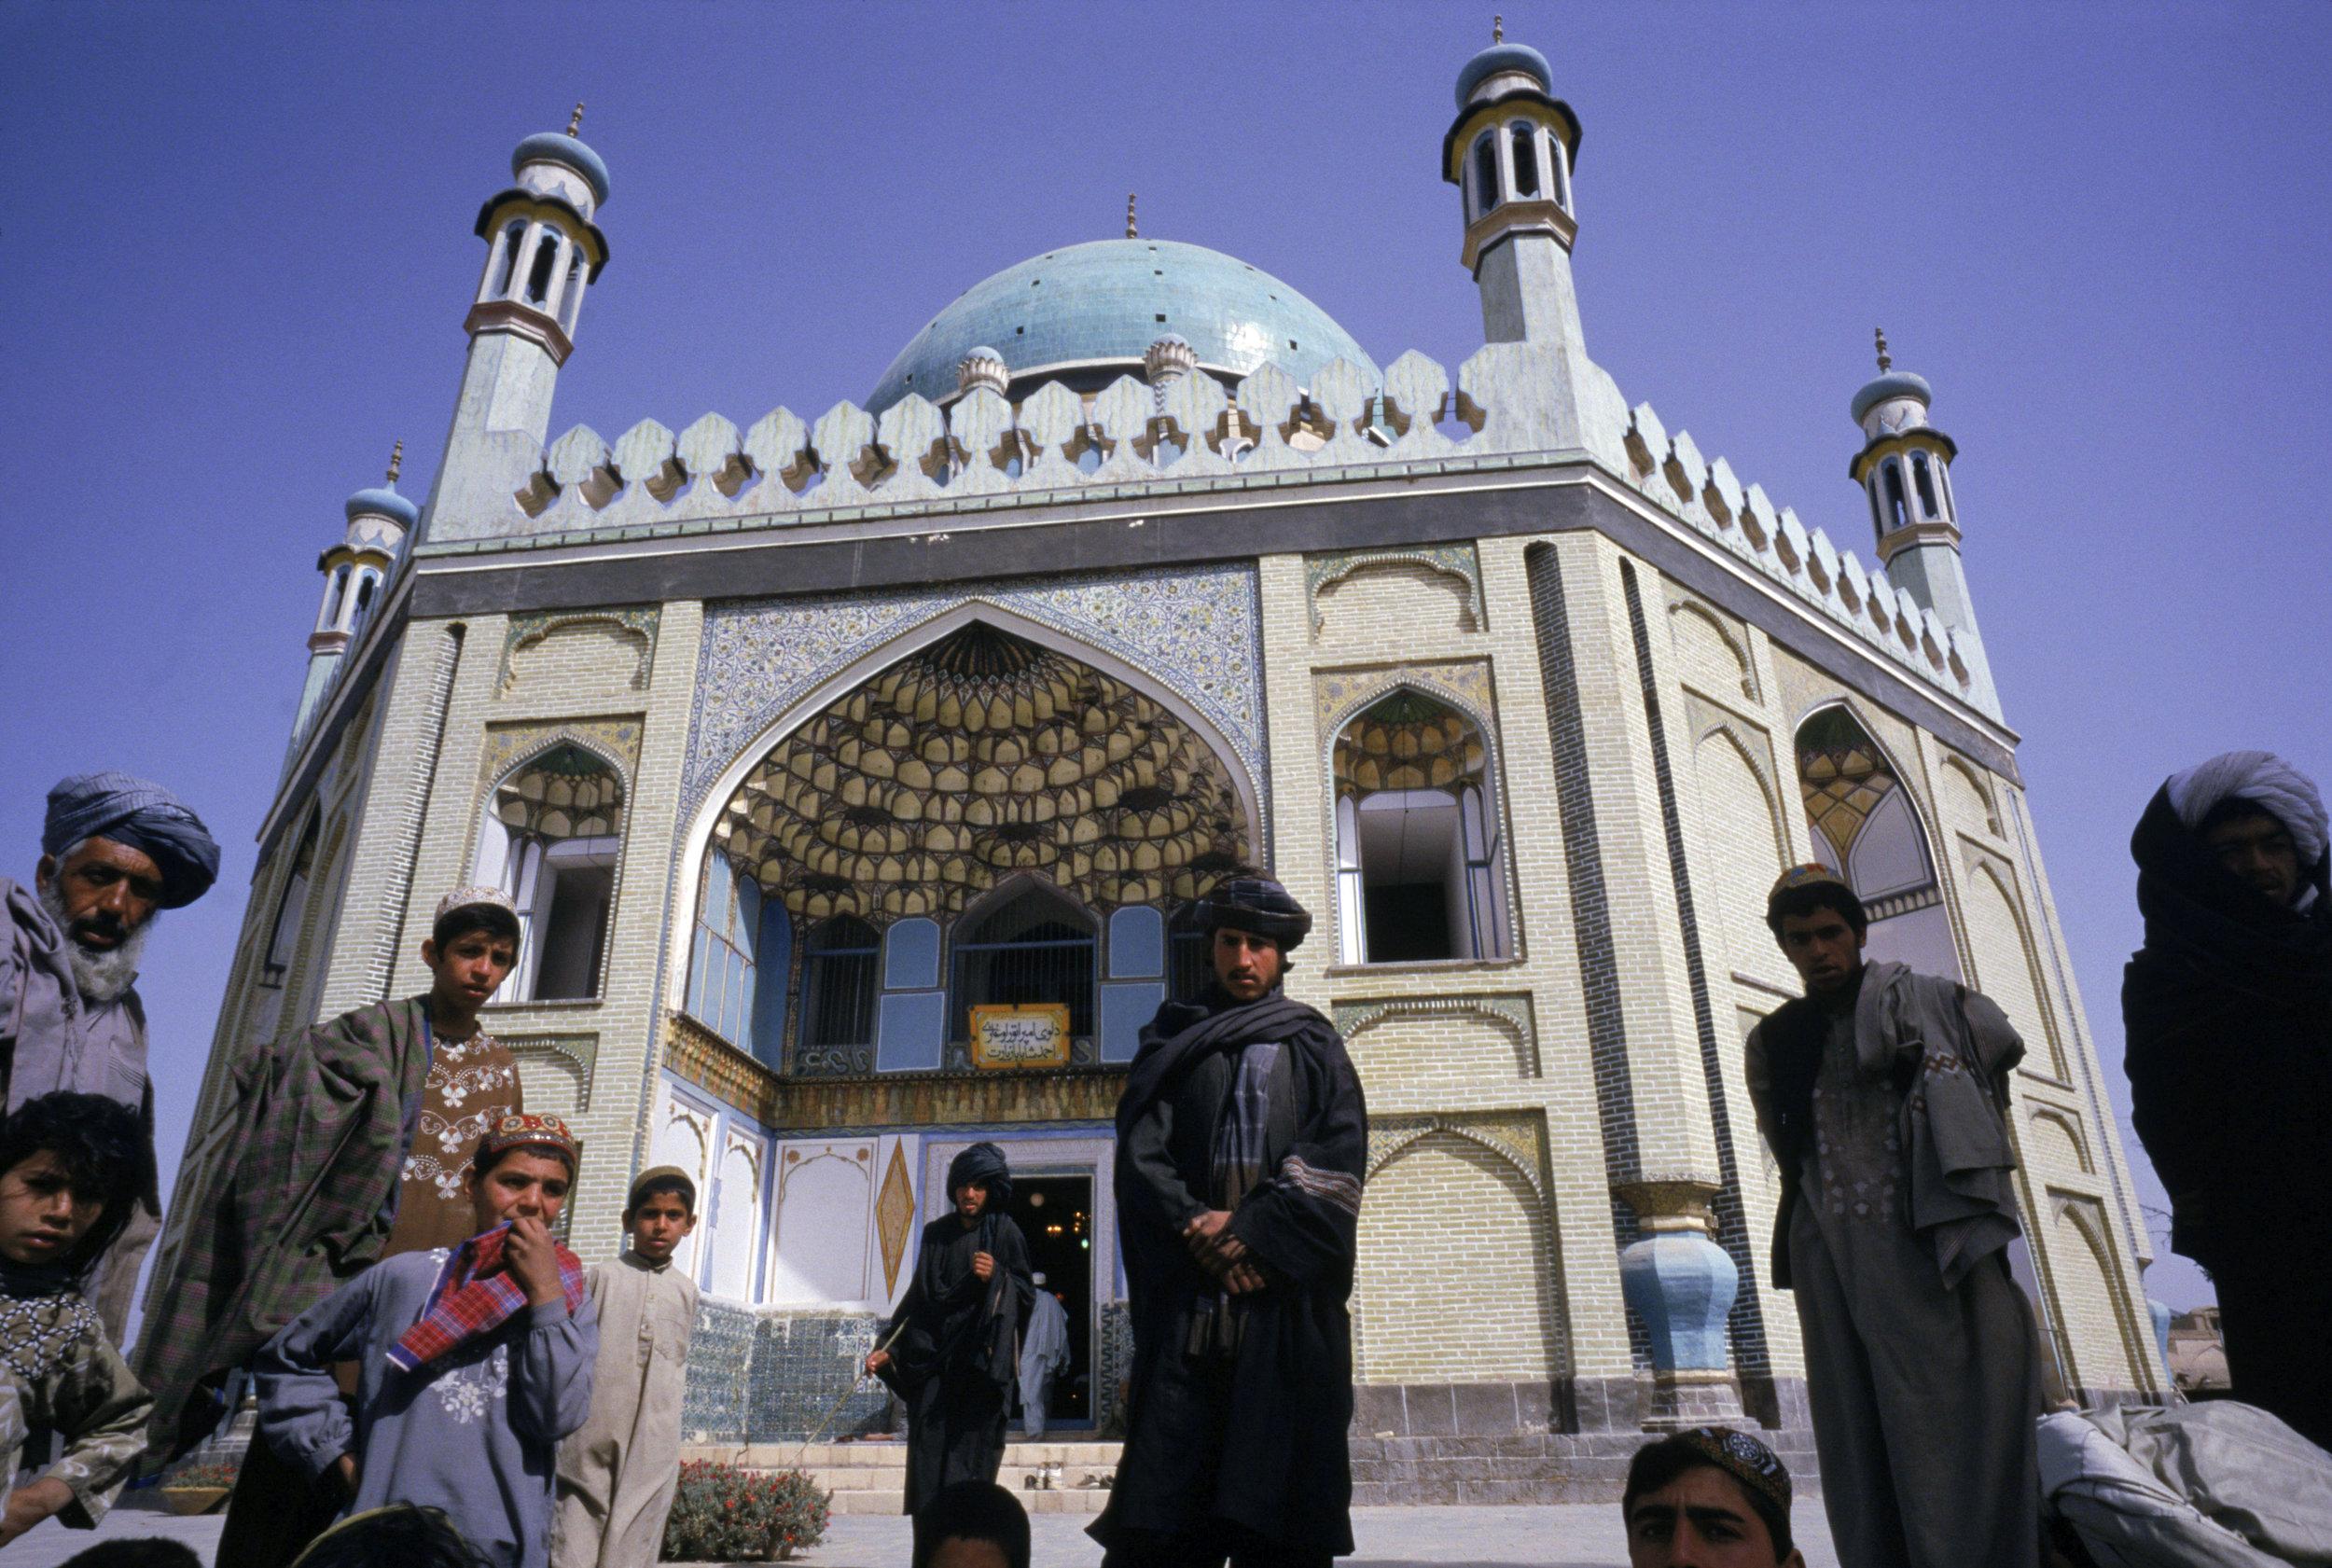 Khandahar